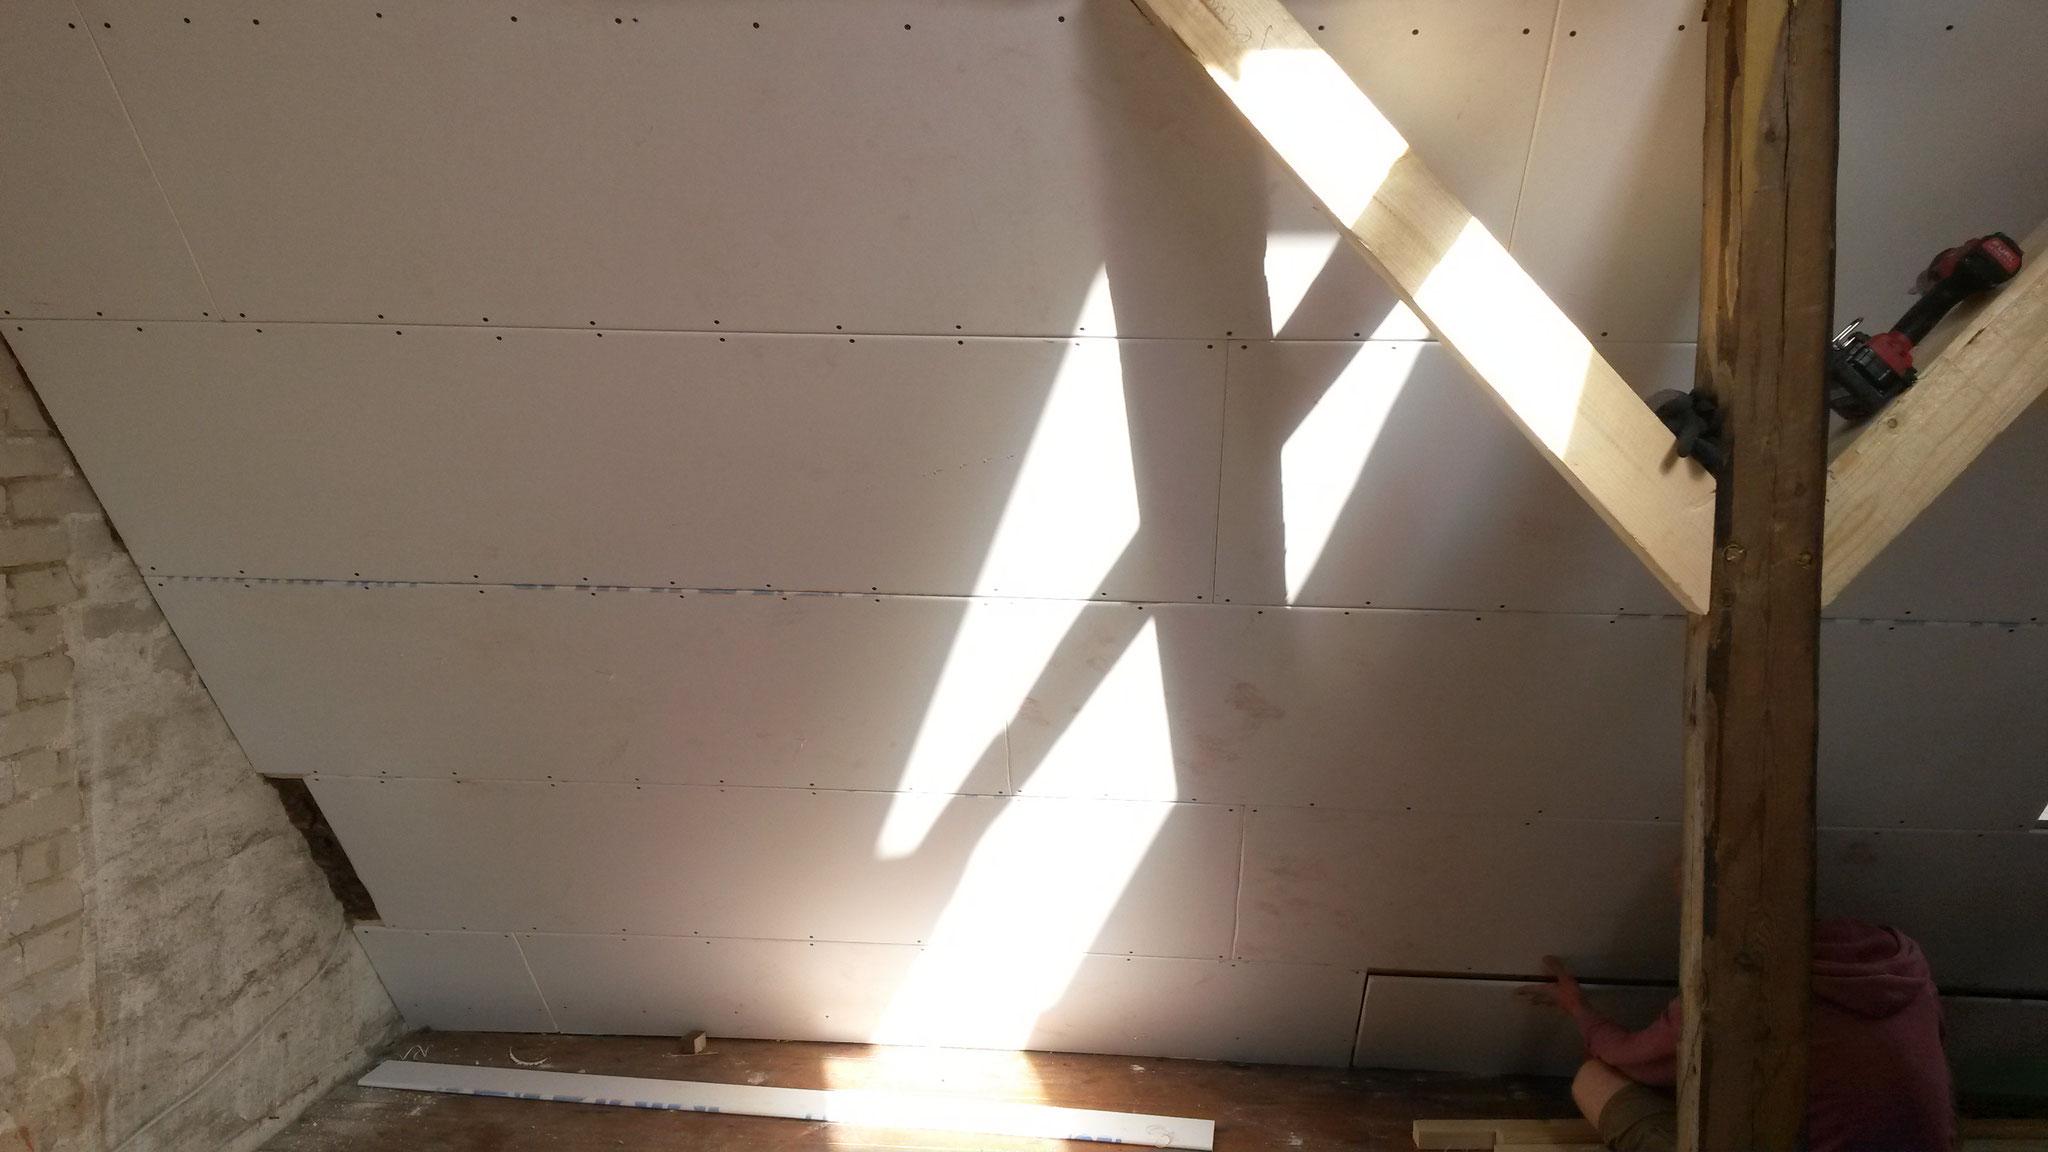 Beplankung mit Rigipsplatten